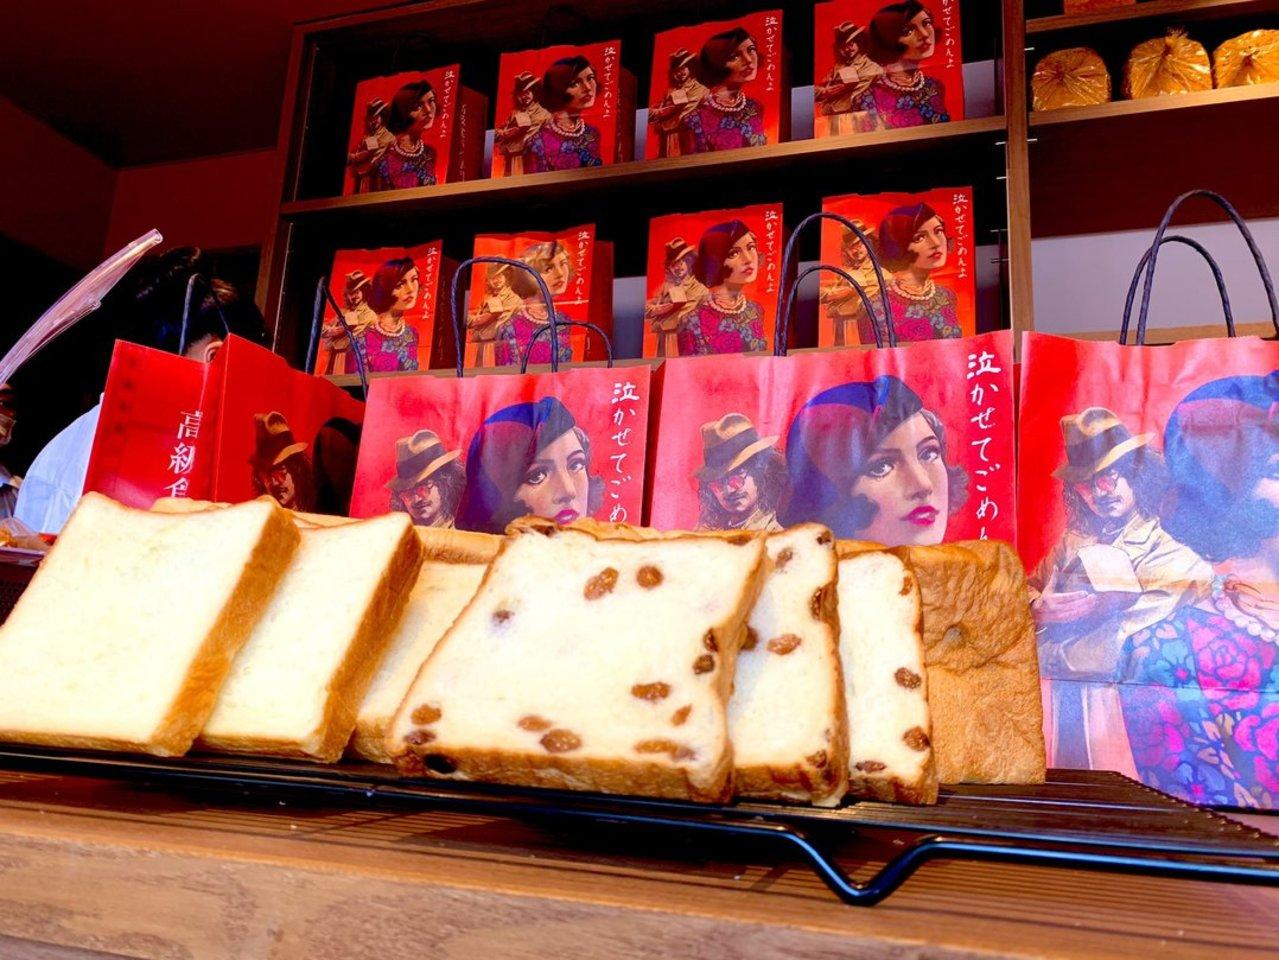 岩手県盛岡市本宮2丁目に高級食パン店「泣かせてごめんよ盛岡店」が本日グランドオープンのようです。